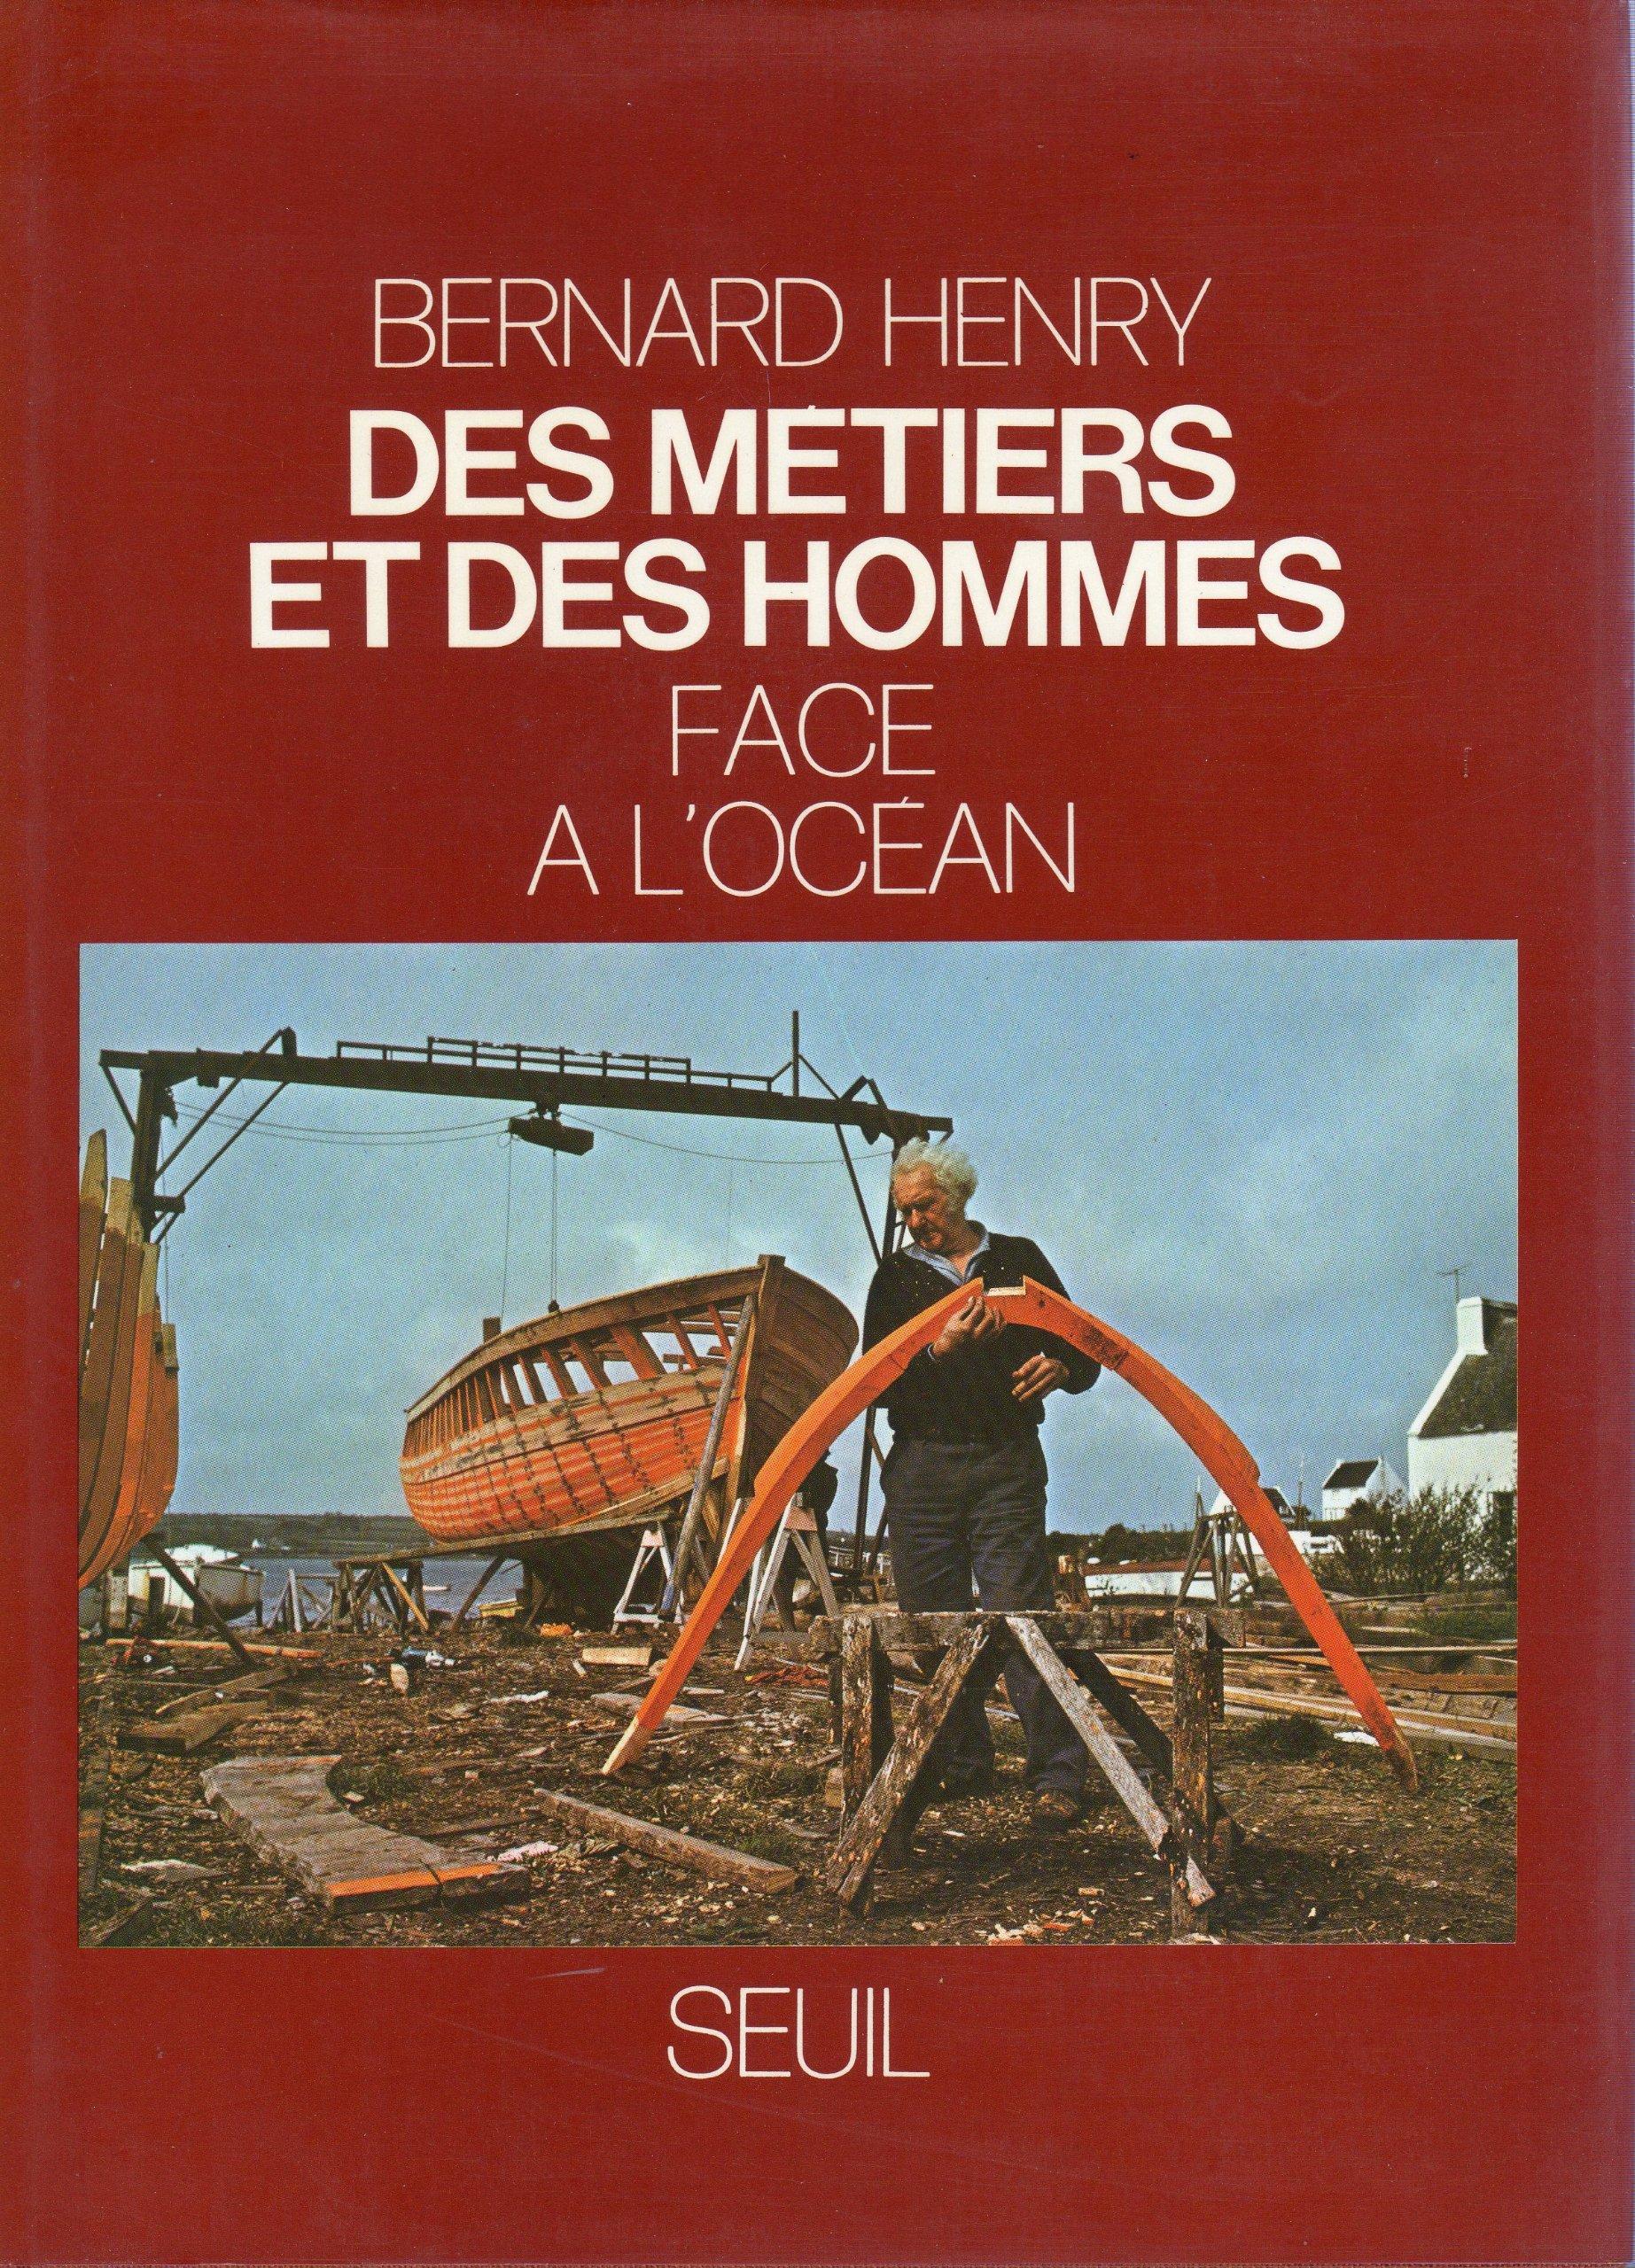 Des Metiers et des Hommes: Face à l'océan - Tome 5 Relié – 1 novembre 1980 Henry Bernard Seuil 2020056658 9782020056656_DMEDIA_US